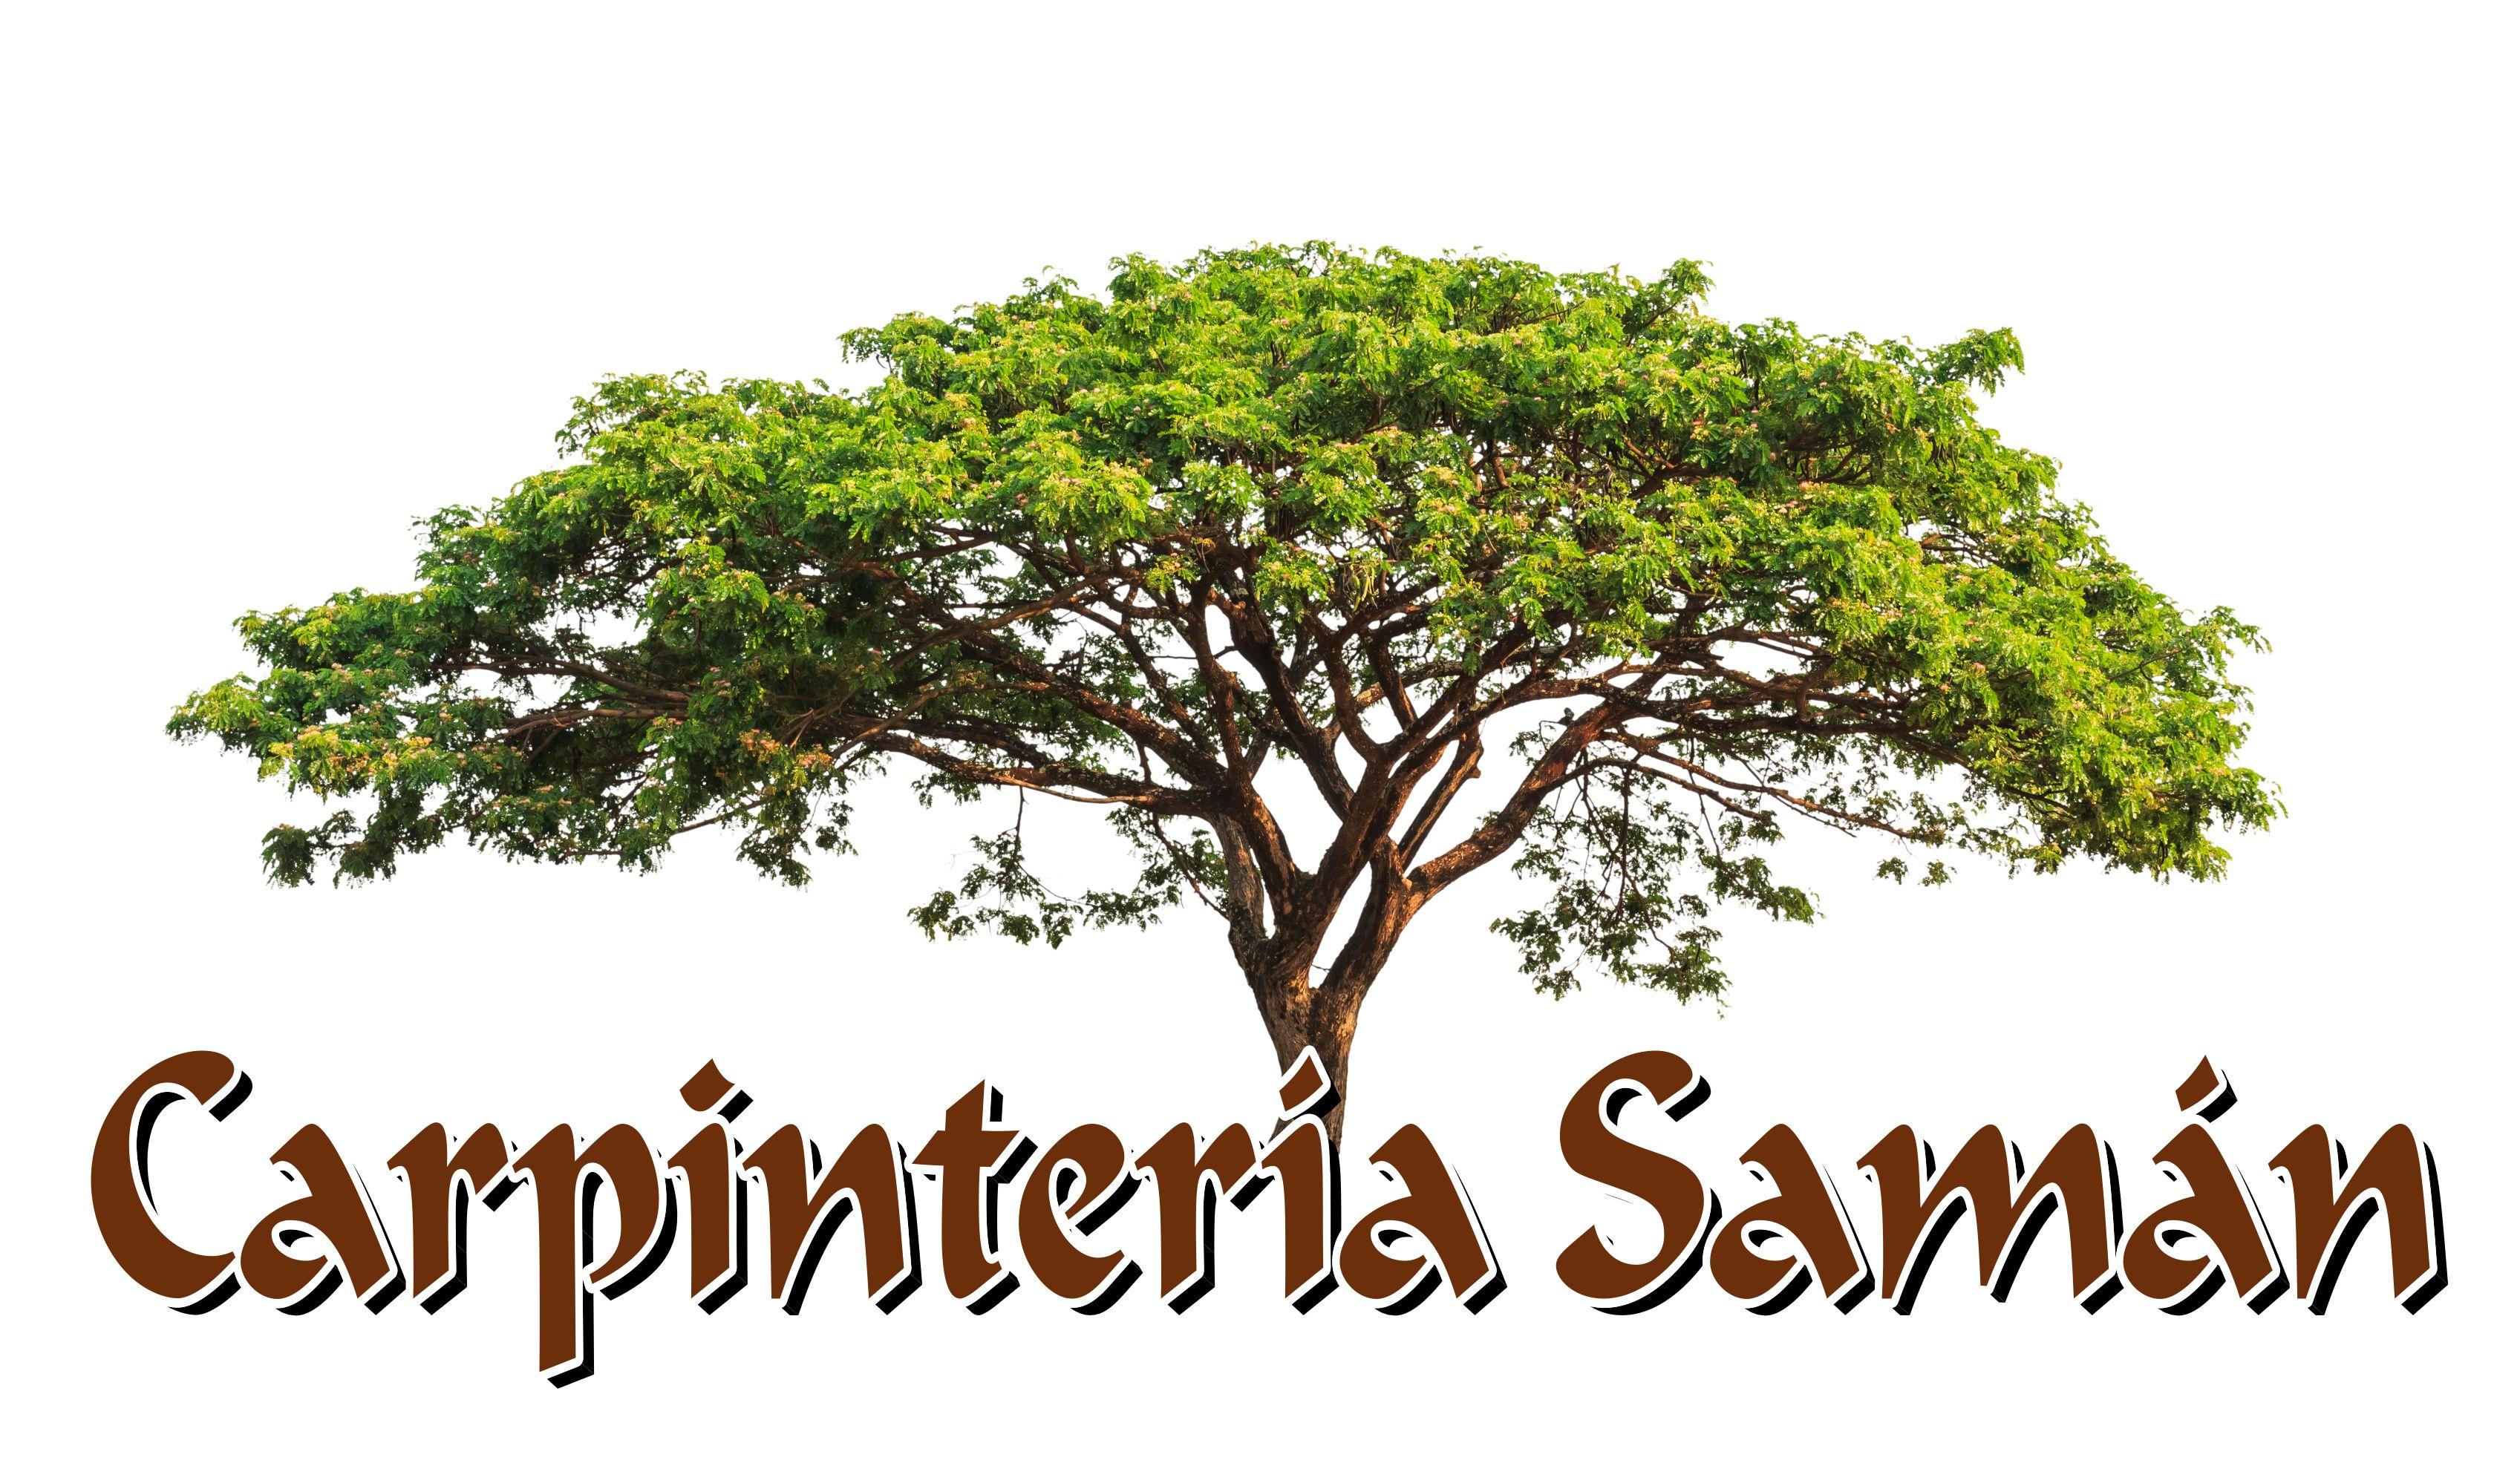 Carpintería Samán